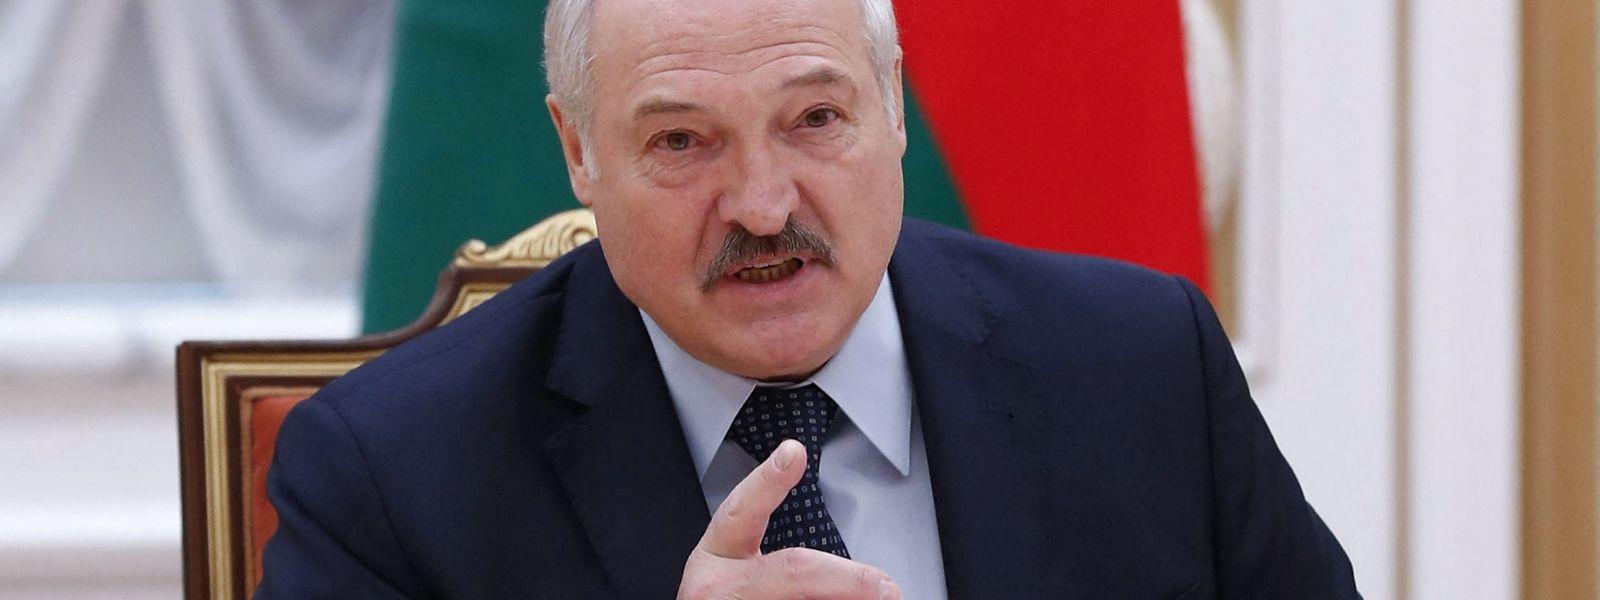 Der belarusische Präsident Alexander Lukashenko soll die Verhaftung des Oppositionsaktivisten Roman Protassewitsch befehligt haben.